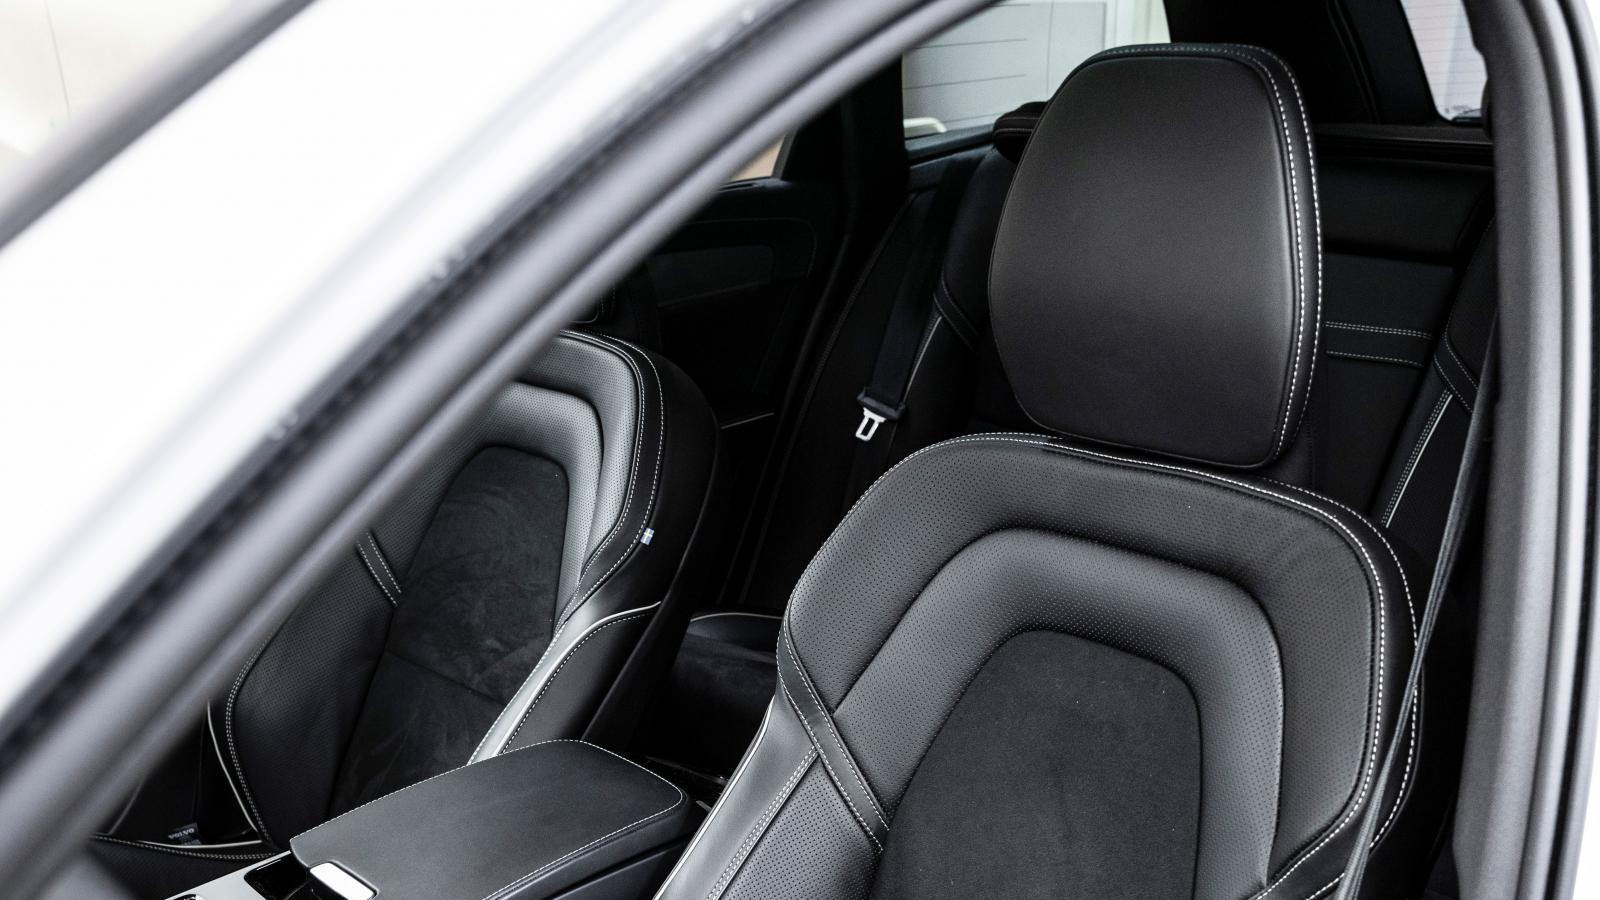 Avancerade former och dynförlängning ger förutsättningar för hög sittkomfort. Våra förare höll ändå inte Volvo som favoritsits denna gång.